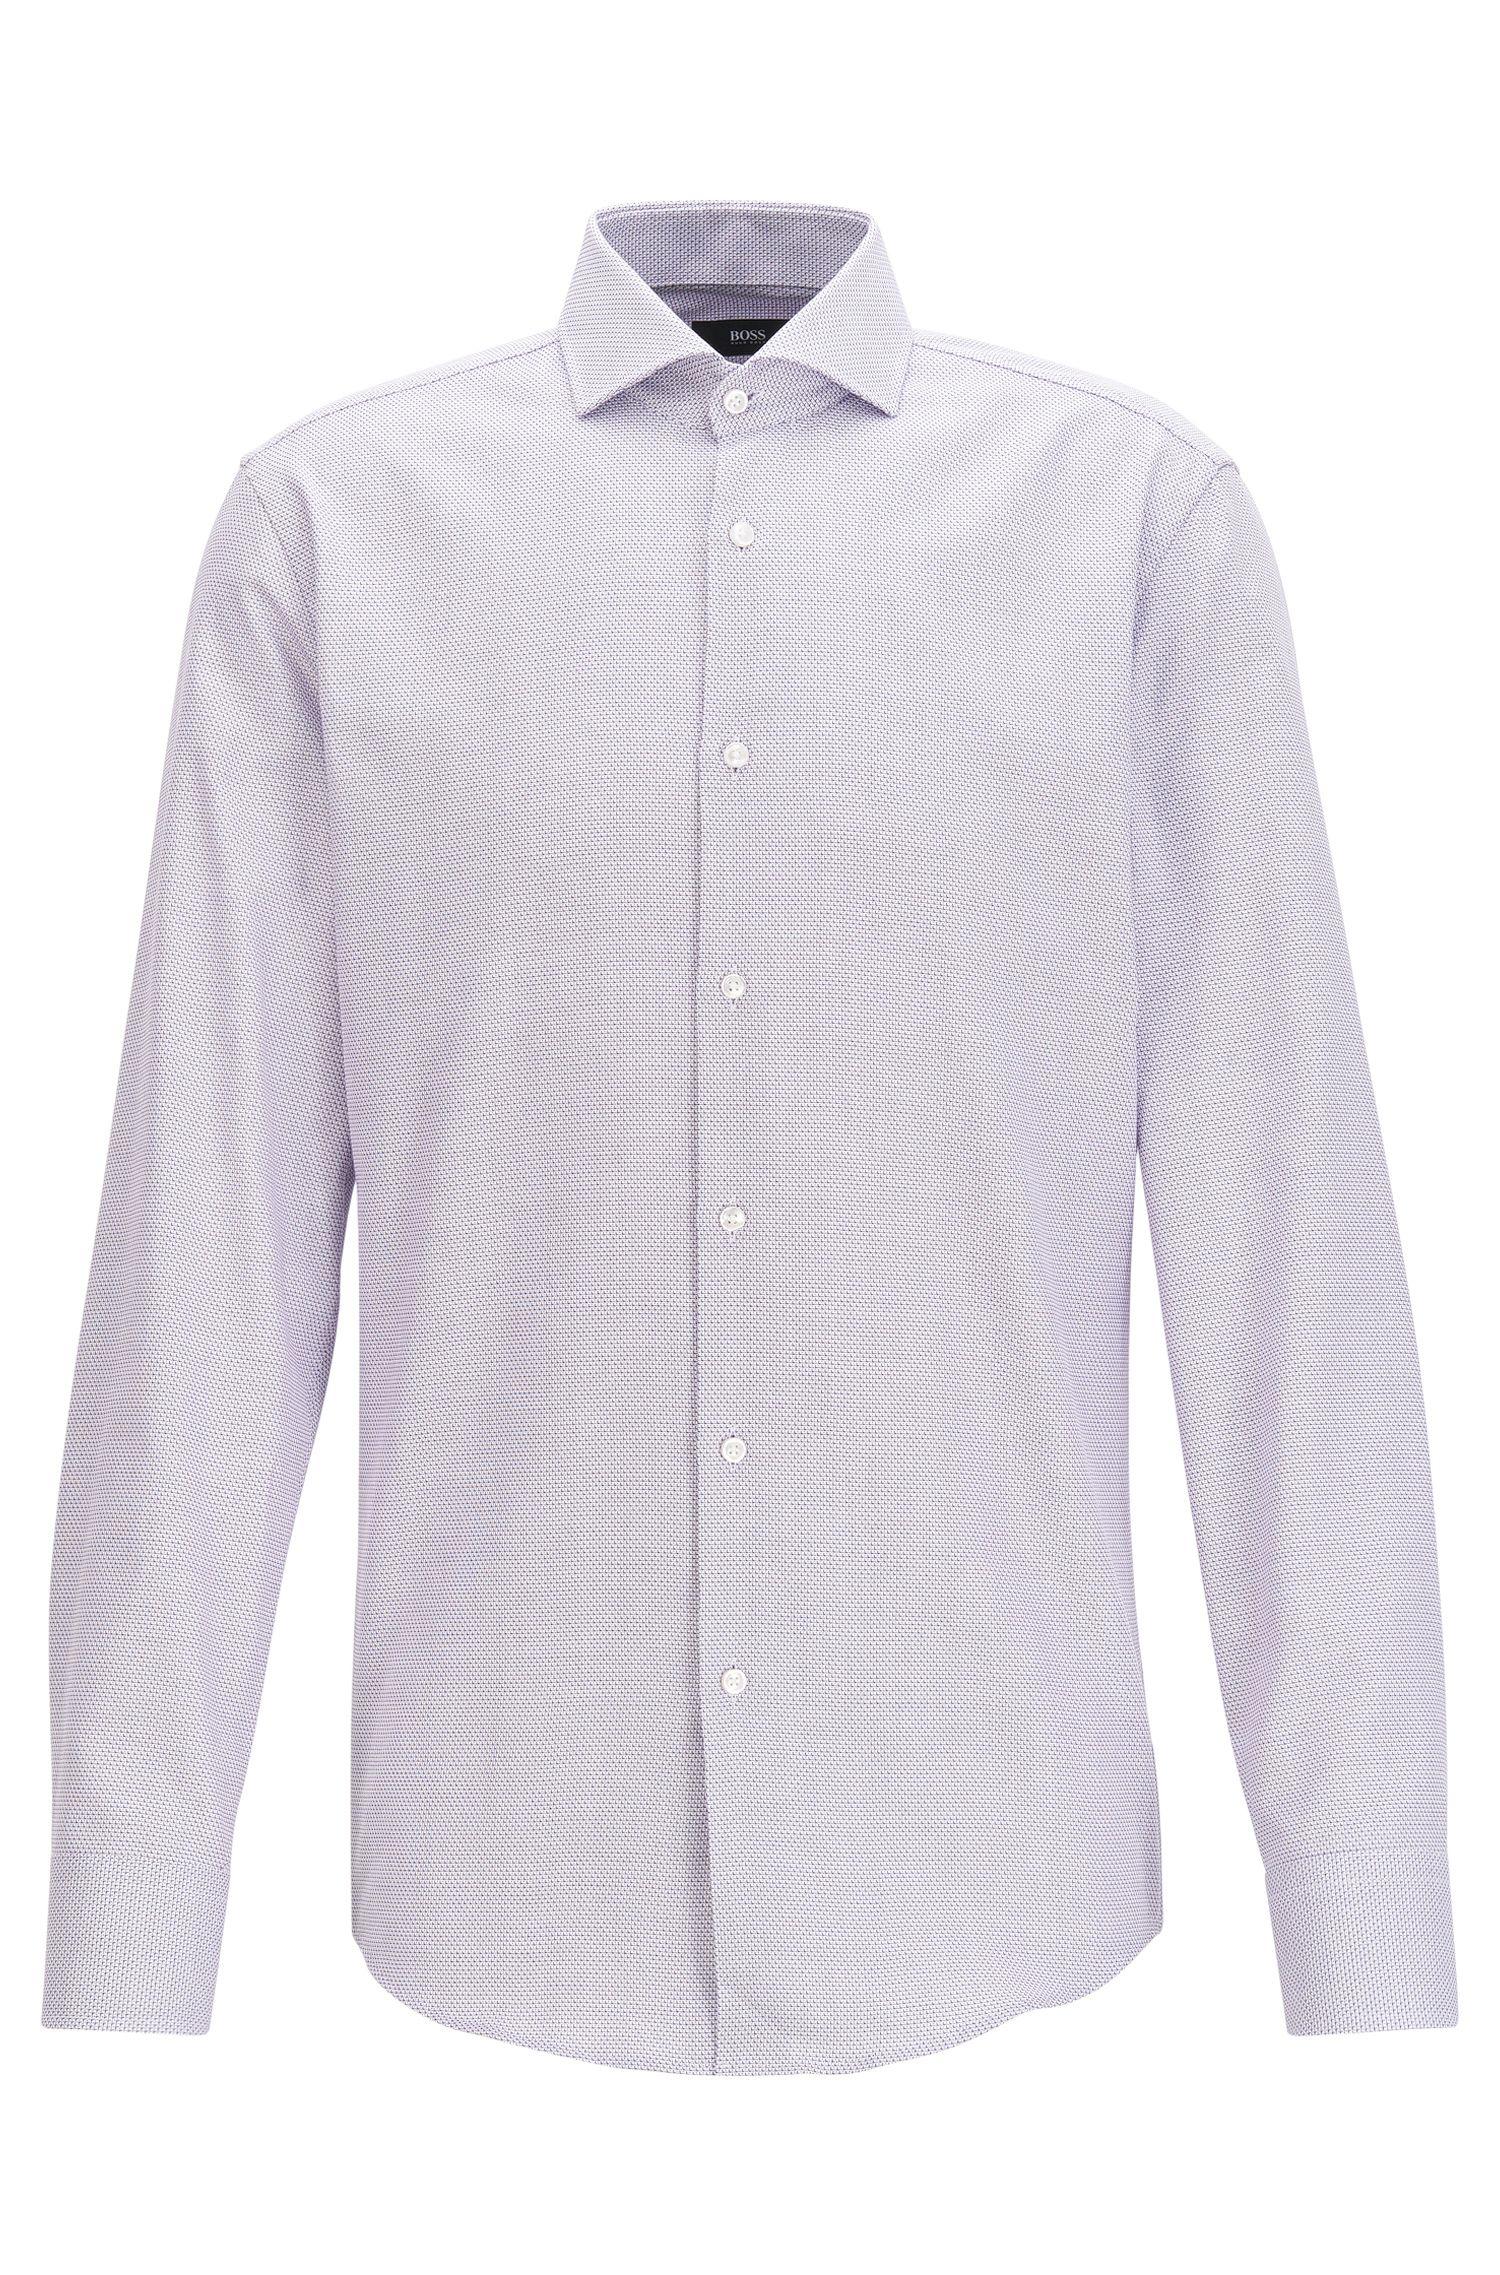 Camicia slim fit in cotone tinto in filo con microlavorazione